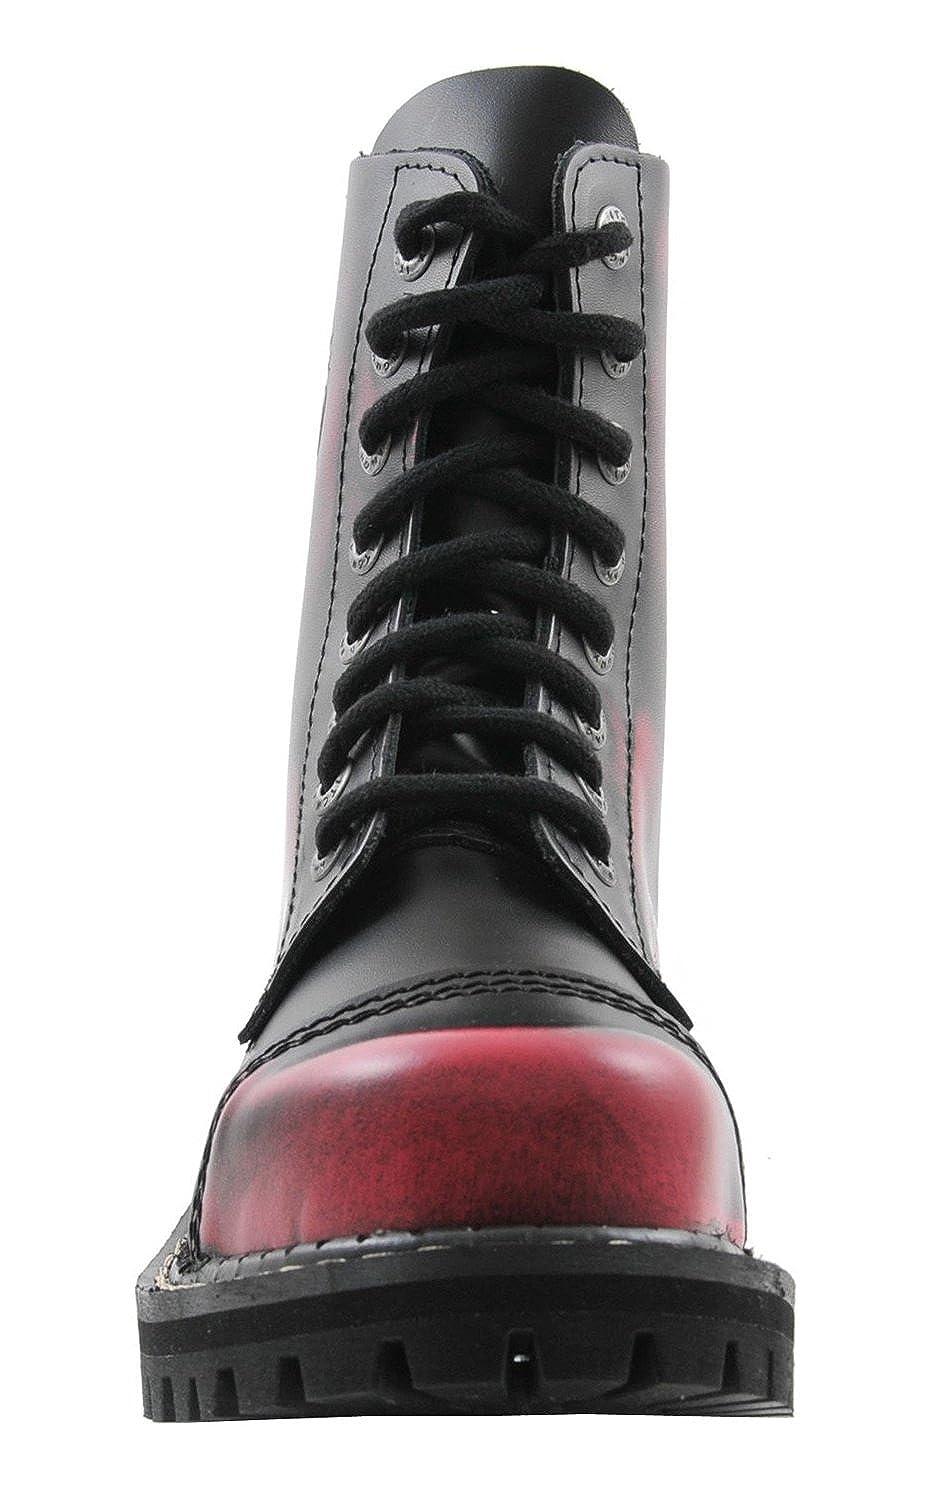 f435ad96f6 ANGRY ITCH - 8-Loch Pink Rub-Off Rub-Off Pink Gothic Punk Army ...